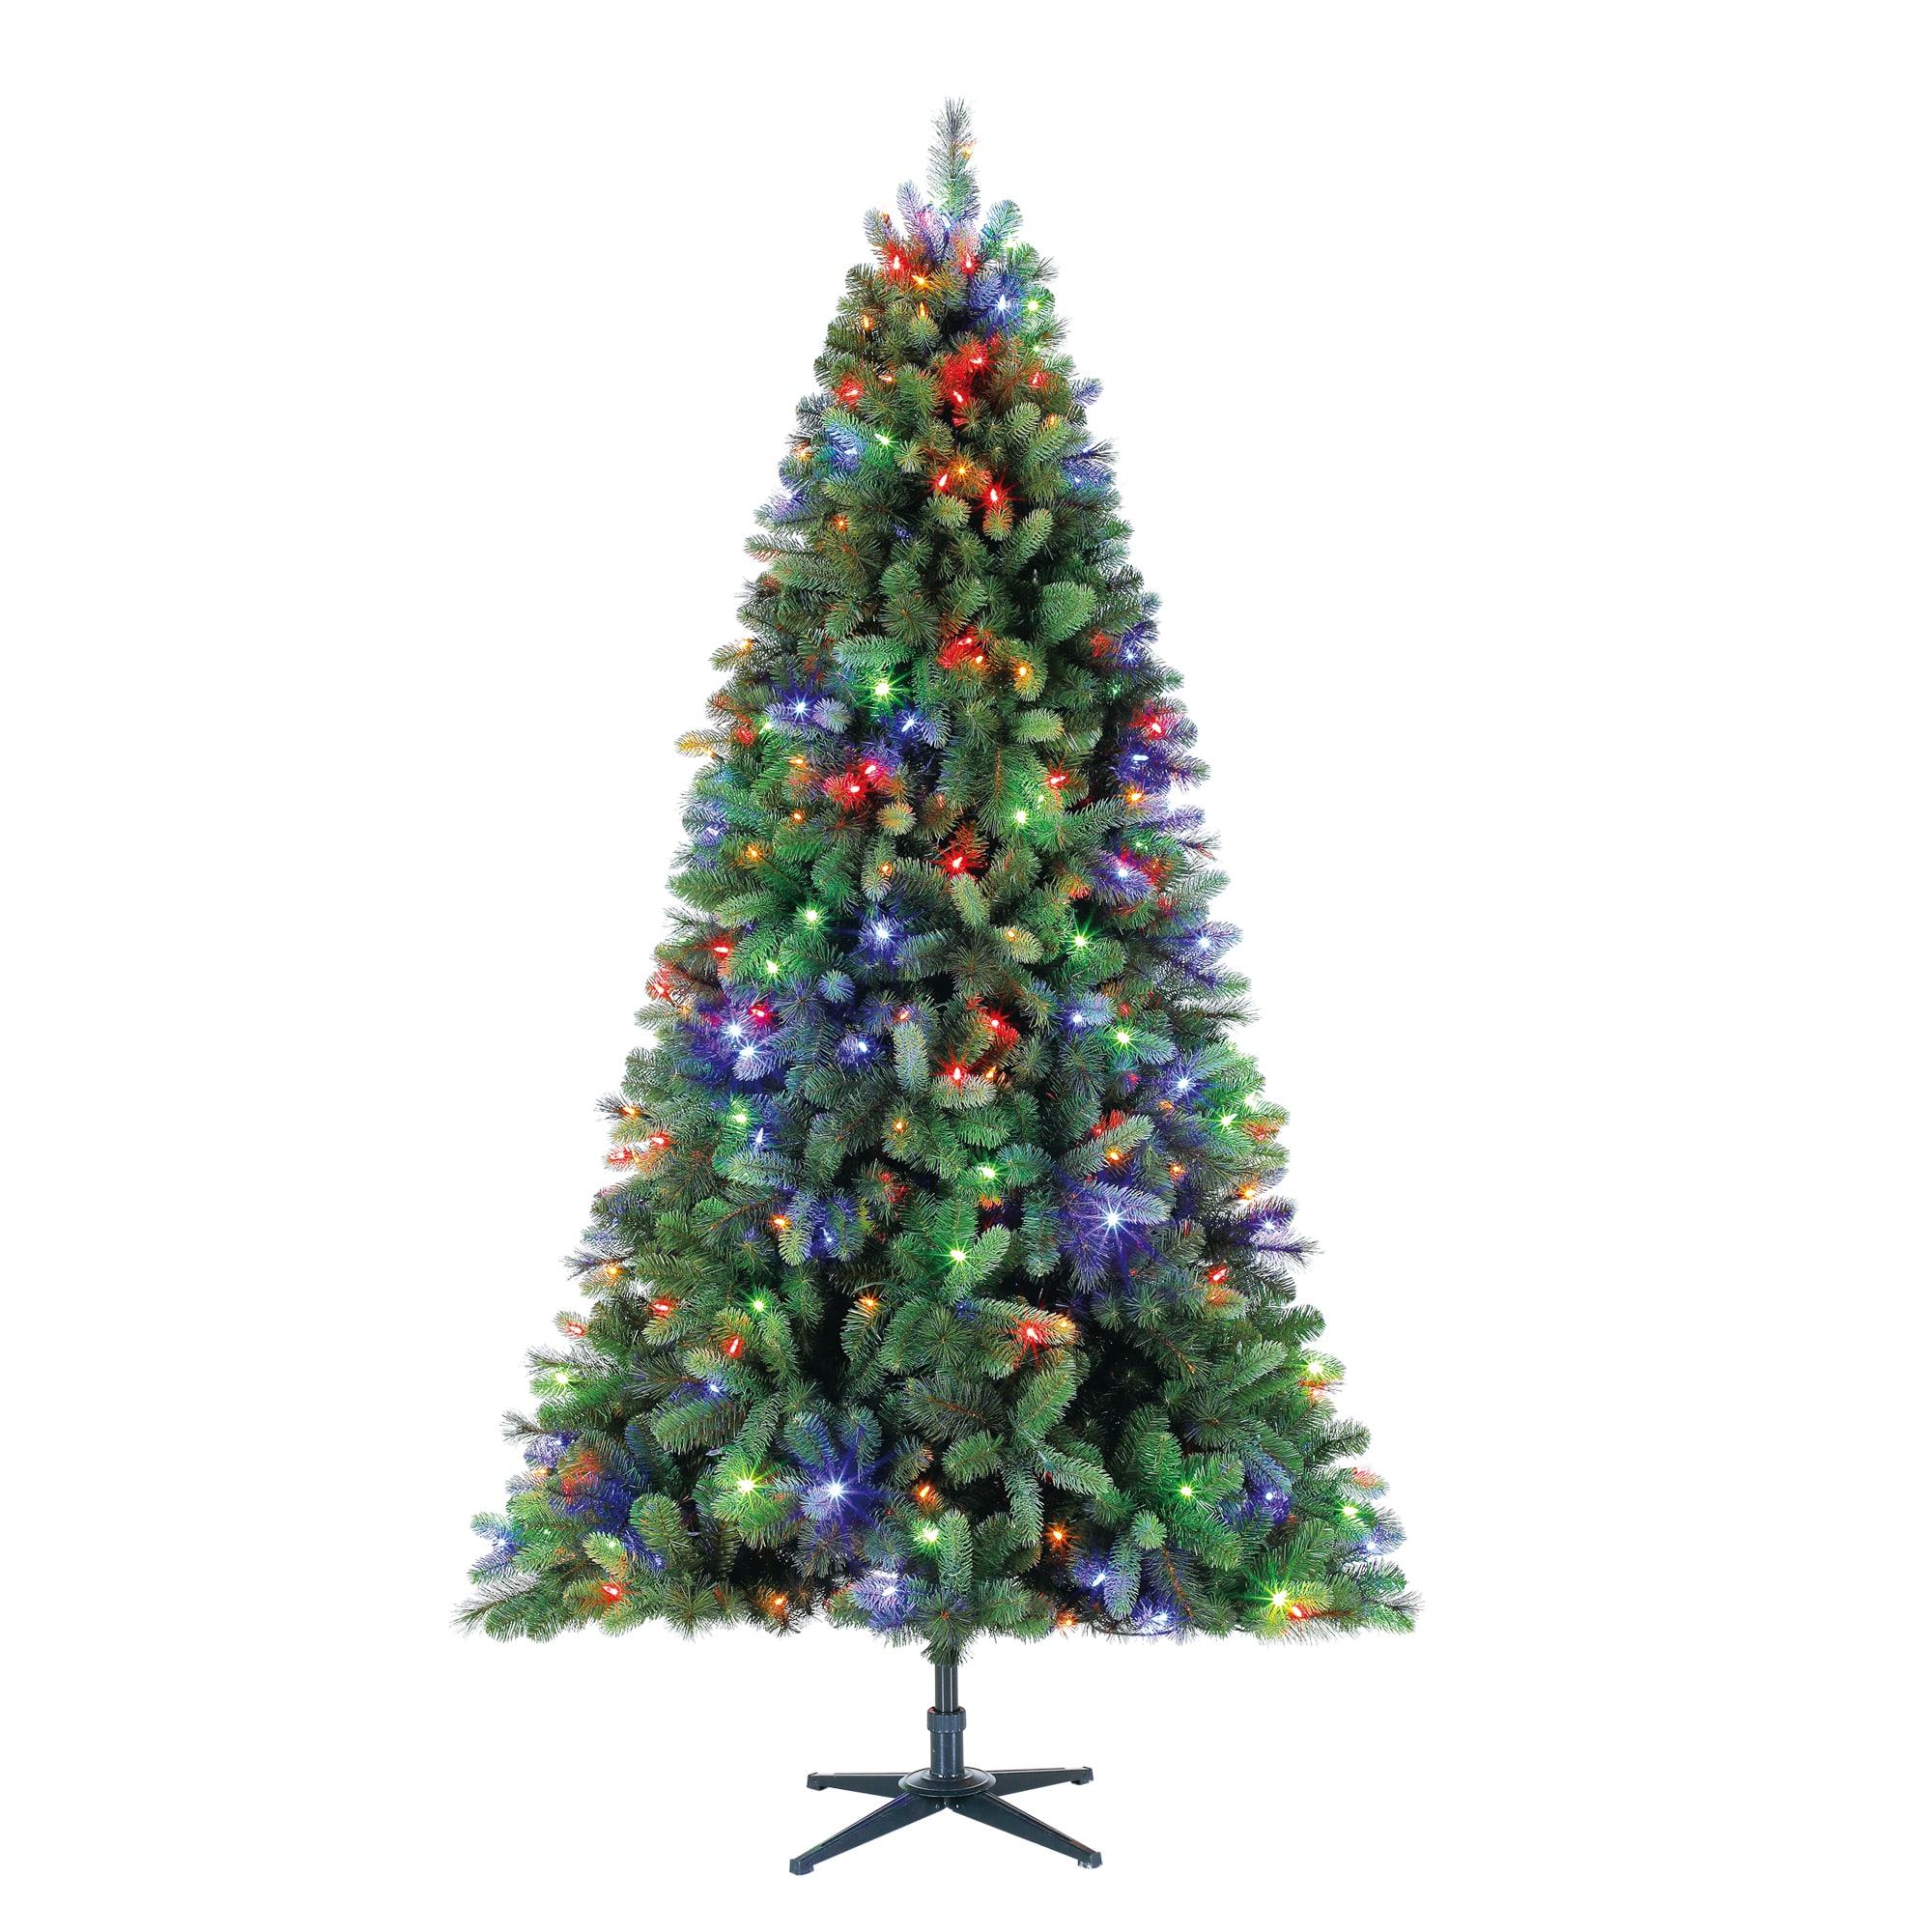 Walmart Norwich 7.5' Pre-Lit LED TreeBlack Friday Deal